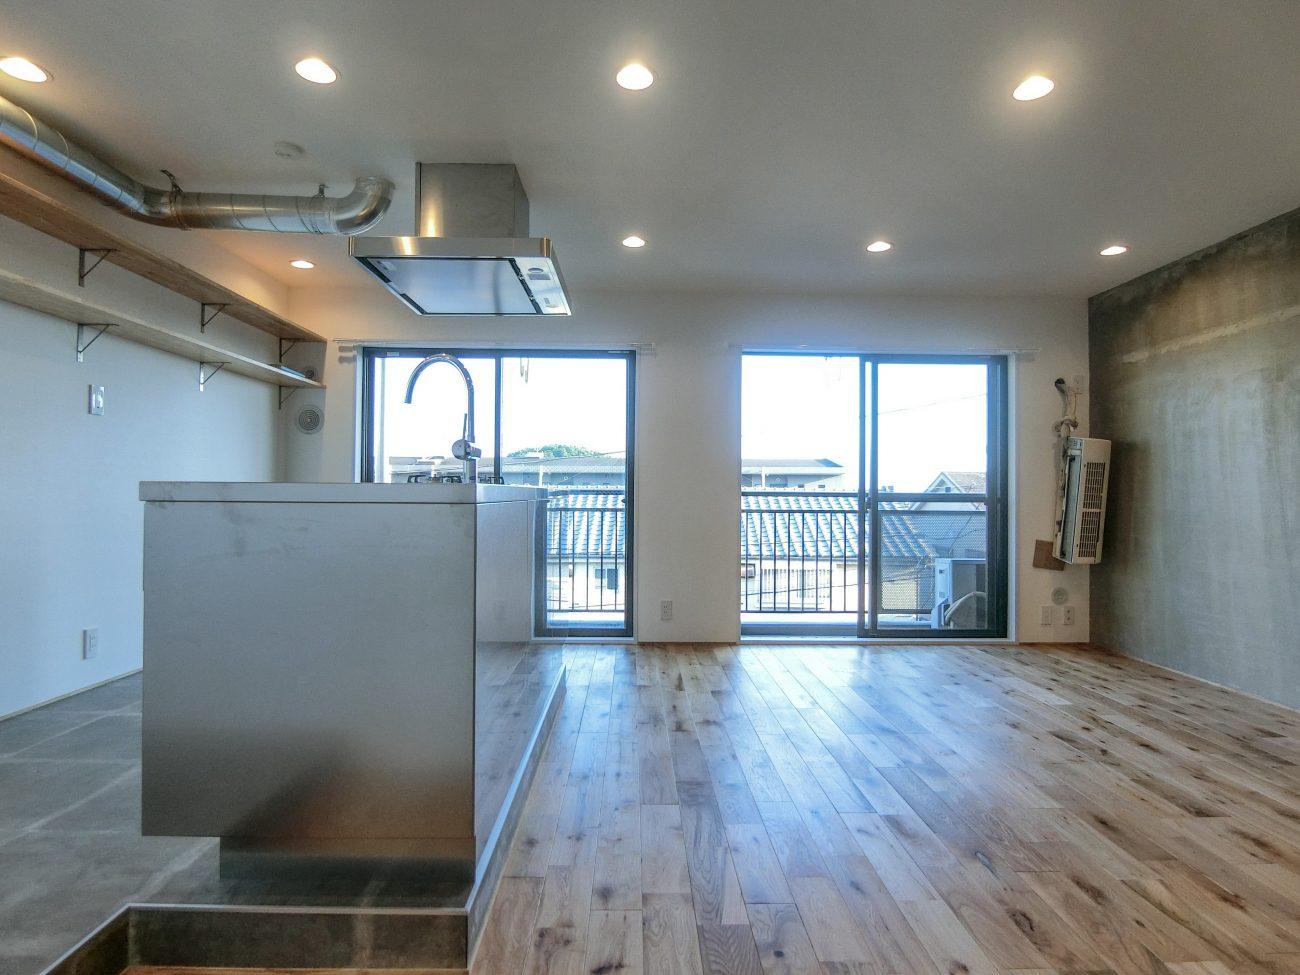 祖師ヶ谷大蔵 築28年 RC 50m2 アイランドキッチンが映える自宅用リノベの画像